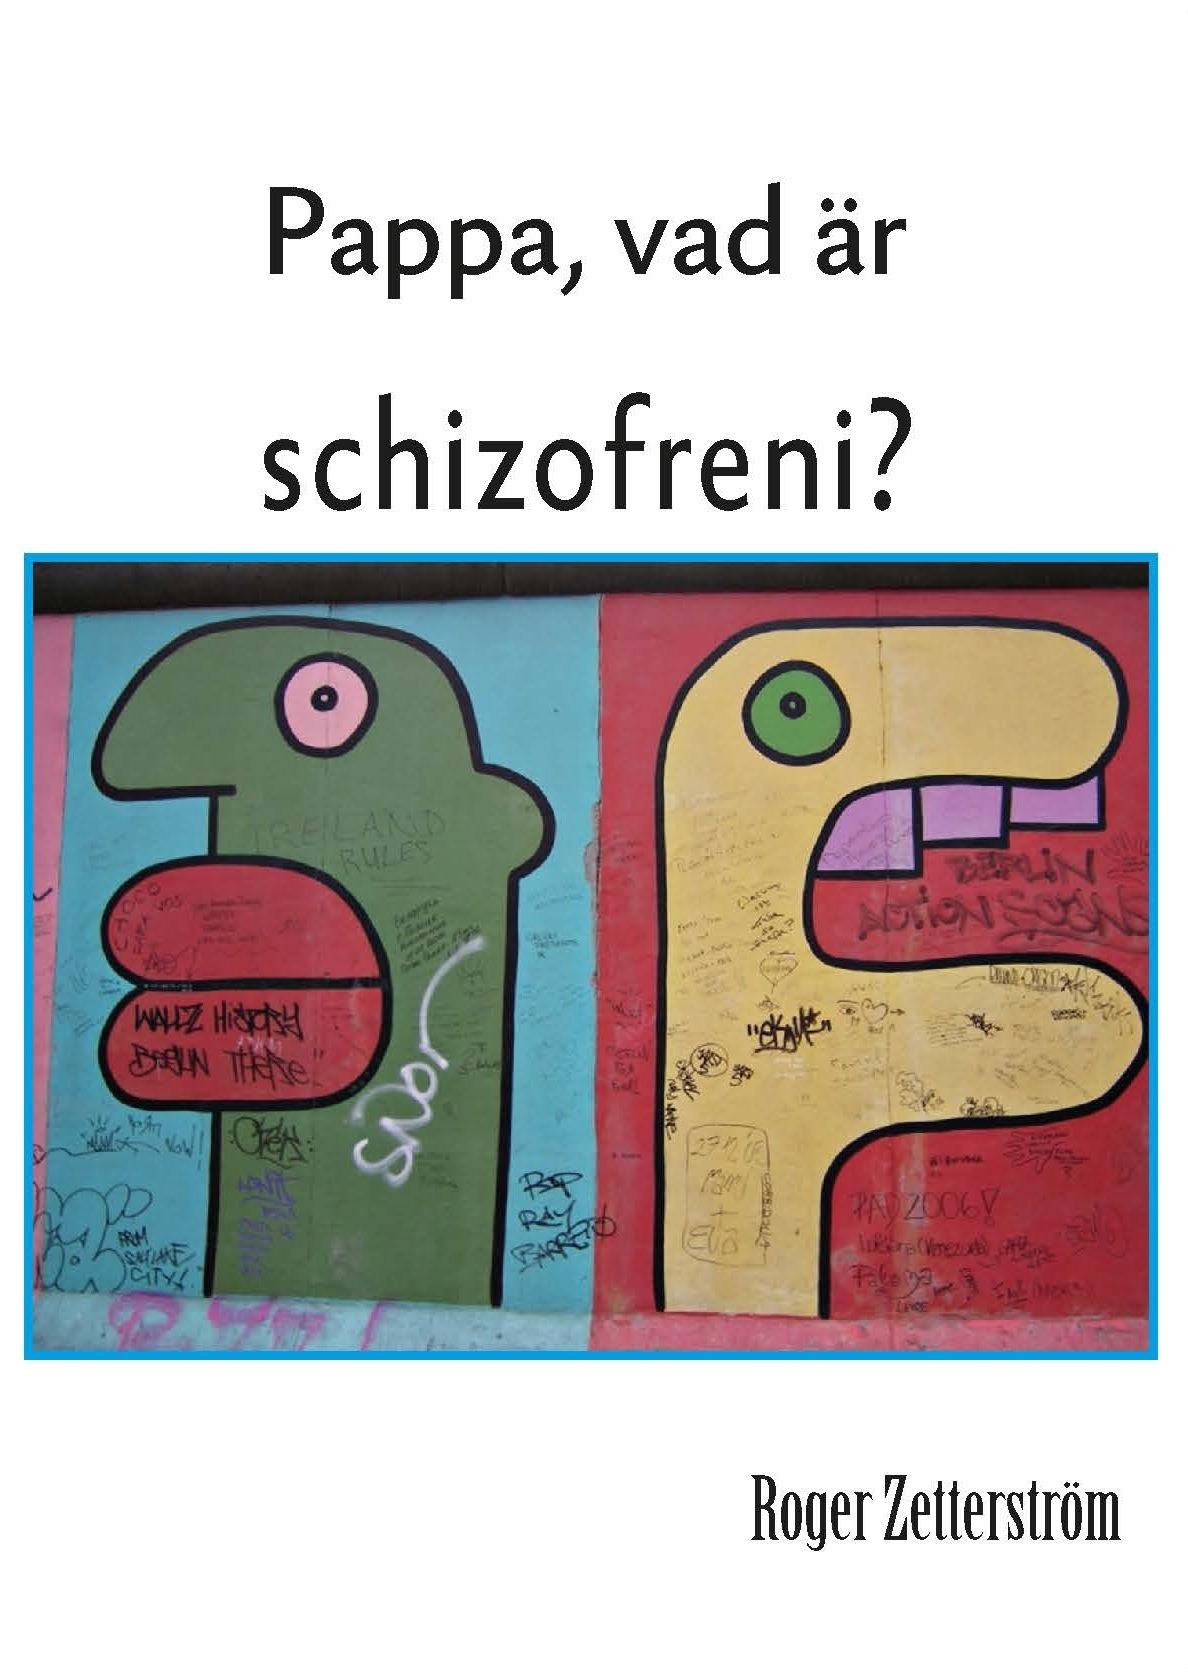 Pappa, vad är Schizofreni?